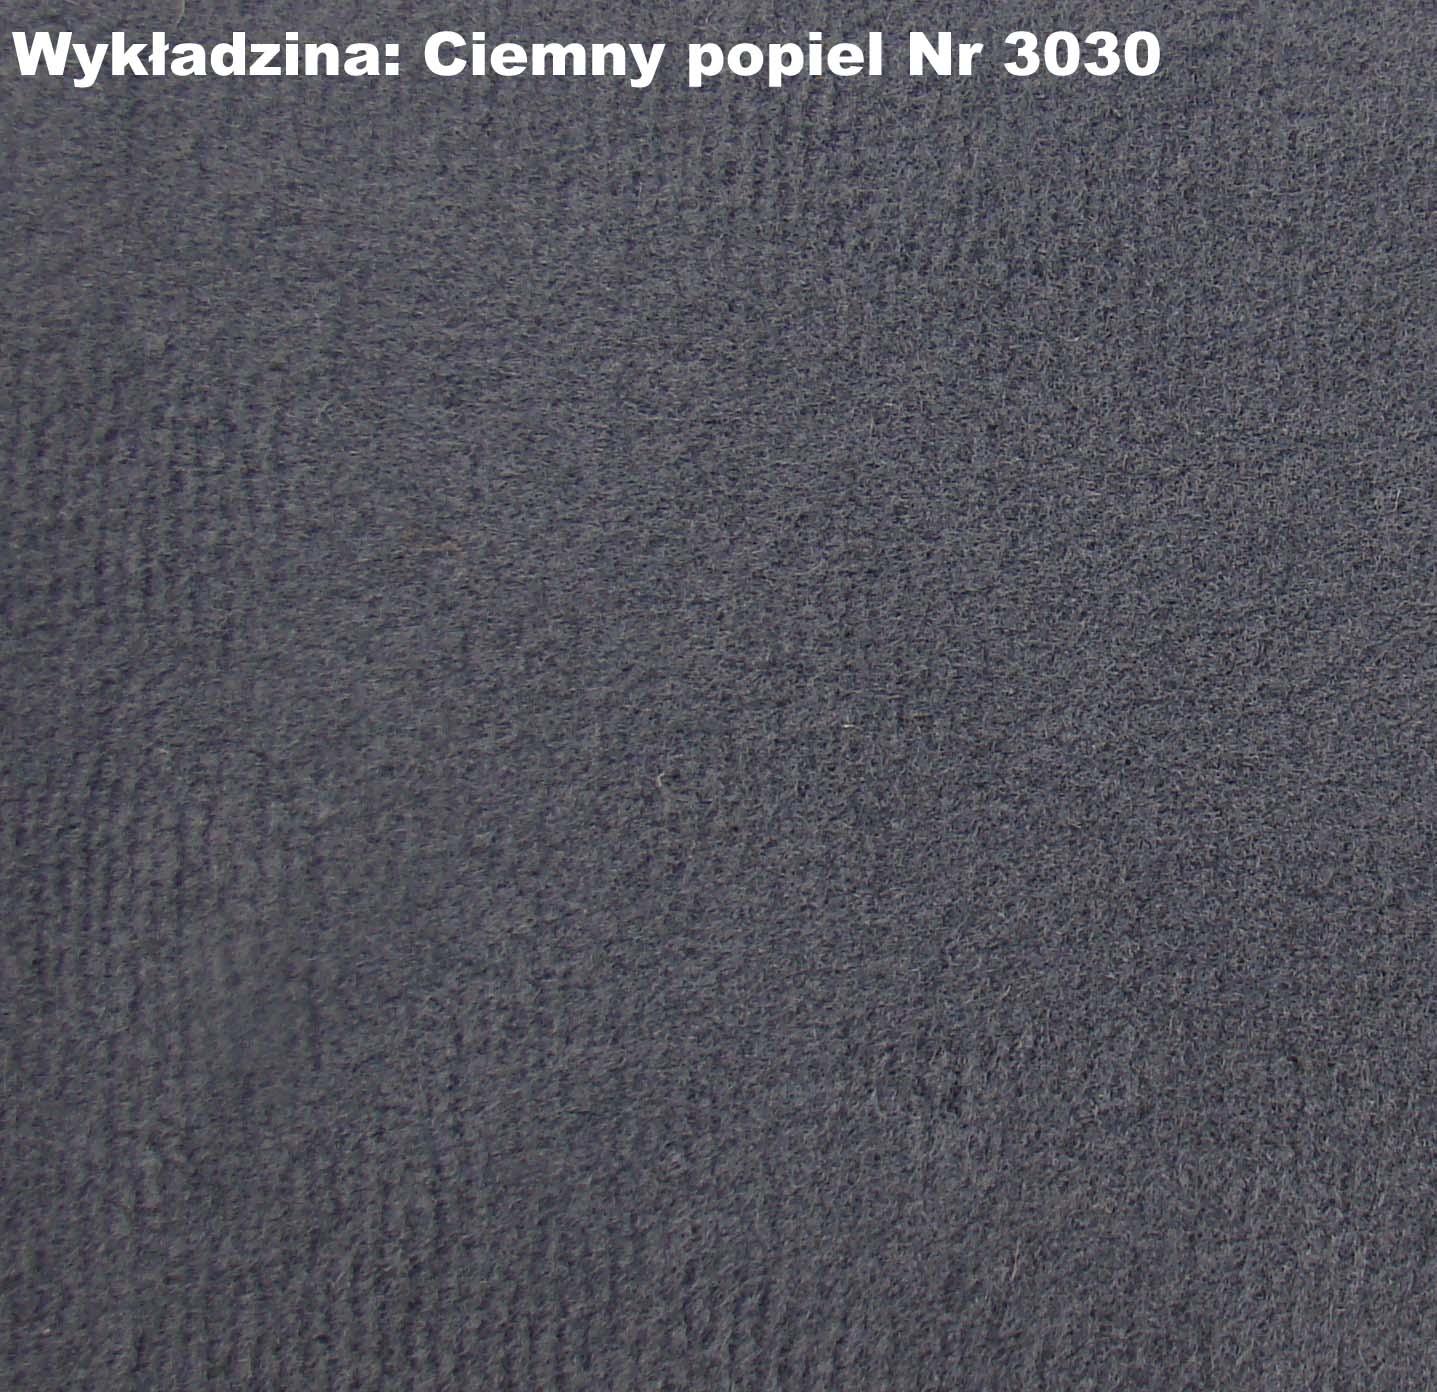 http://www.max-dywanik.nazwa.pl/max-dywanik/Katalog%20Dywaniki/Dywaniki%20Welurowe%20styczen%202010r/Wzornik/Wzornik%20LUX%2007.04.2011r/Wyk%b3adzina%20popielata%203030%20(bez%20obszycia).jpg